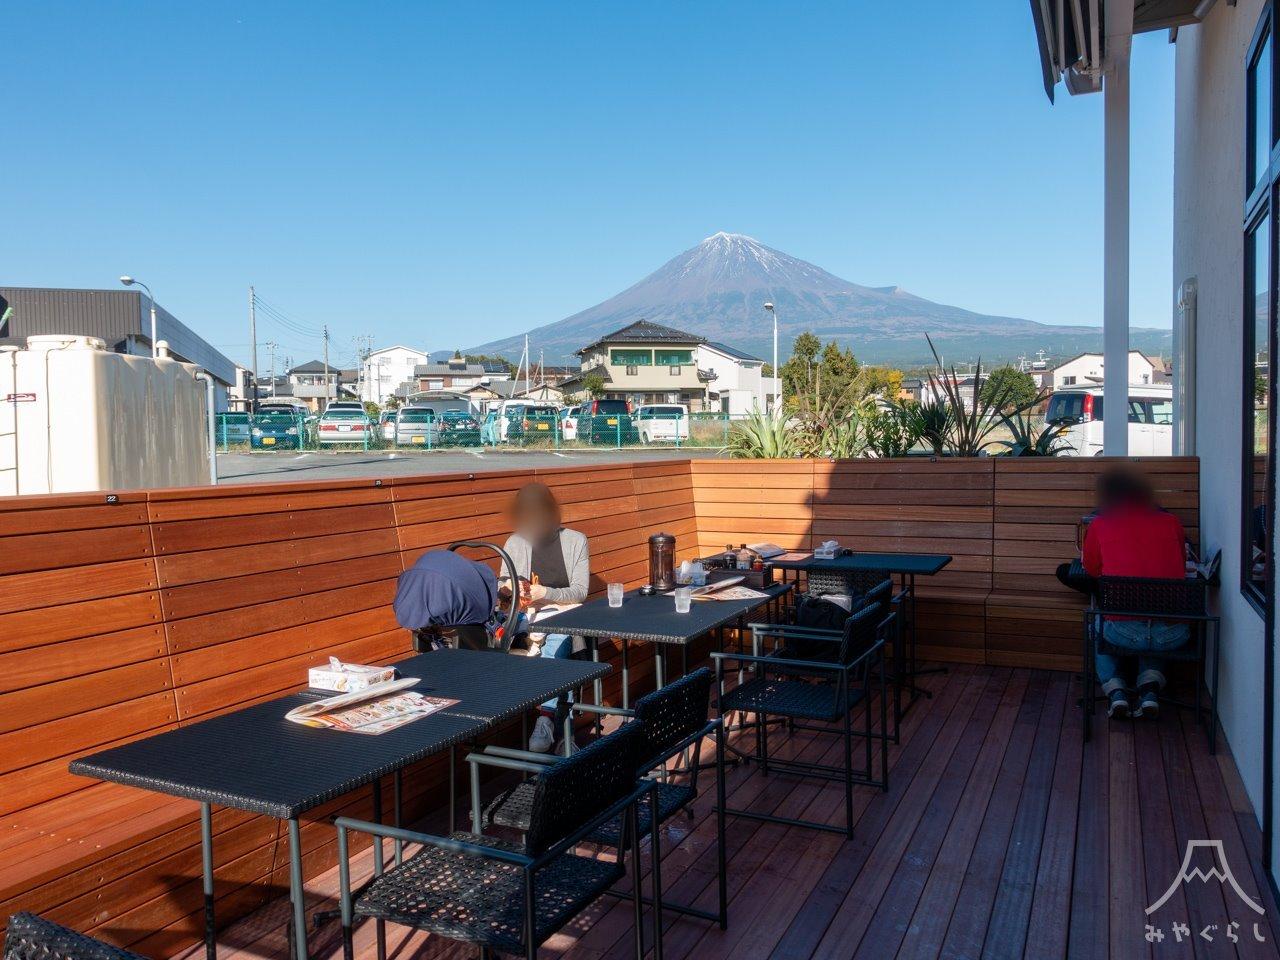 KOURAKUEN THE RAMEN CAFE 富士宮店のテラス席